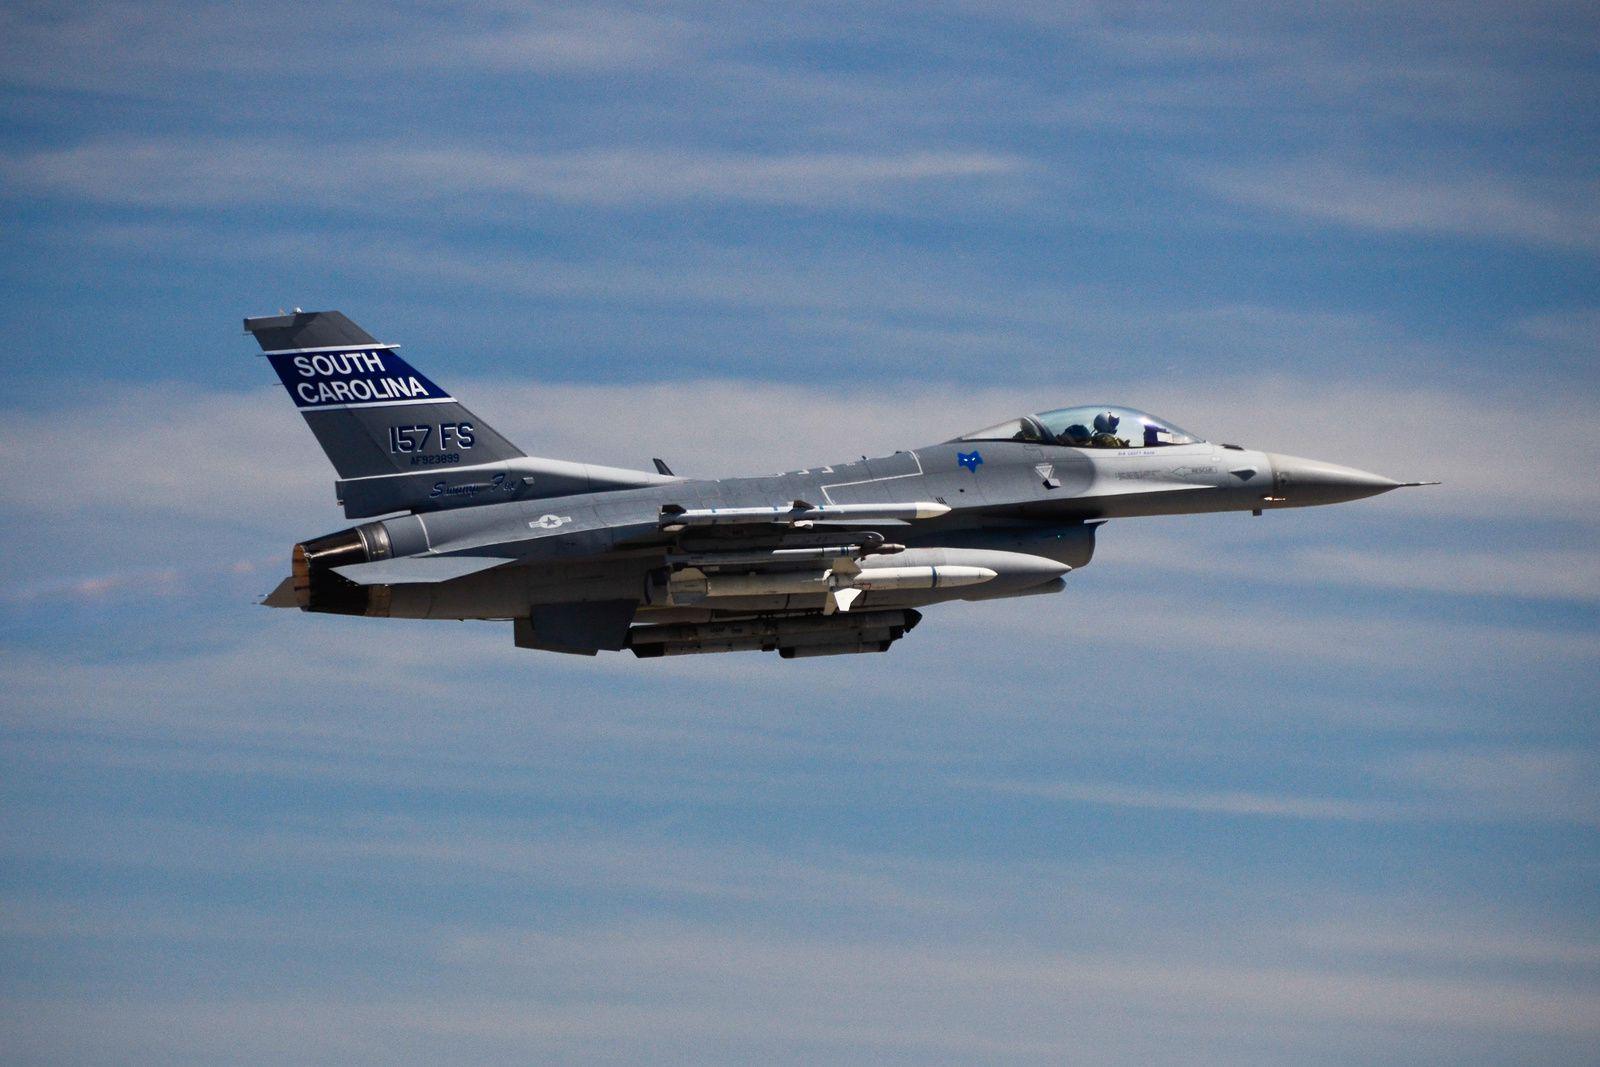 Deux F-16C du 169th Fighter Wing ont dû repérer un bateau qui avait chaviré